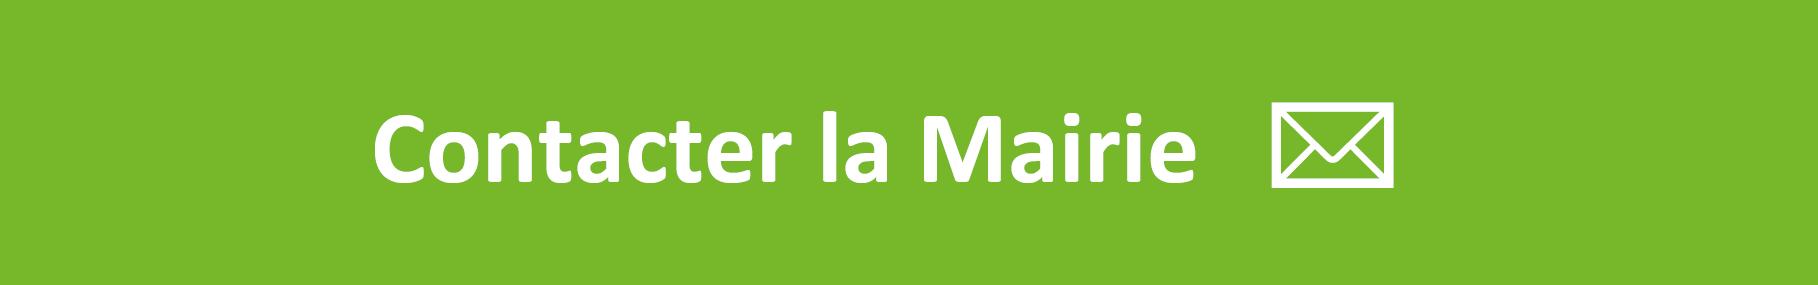 contacter mairie _vert_.png